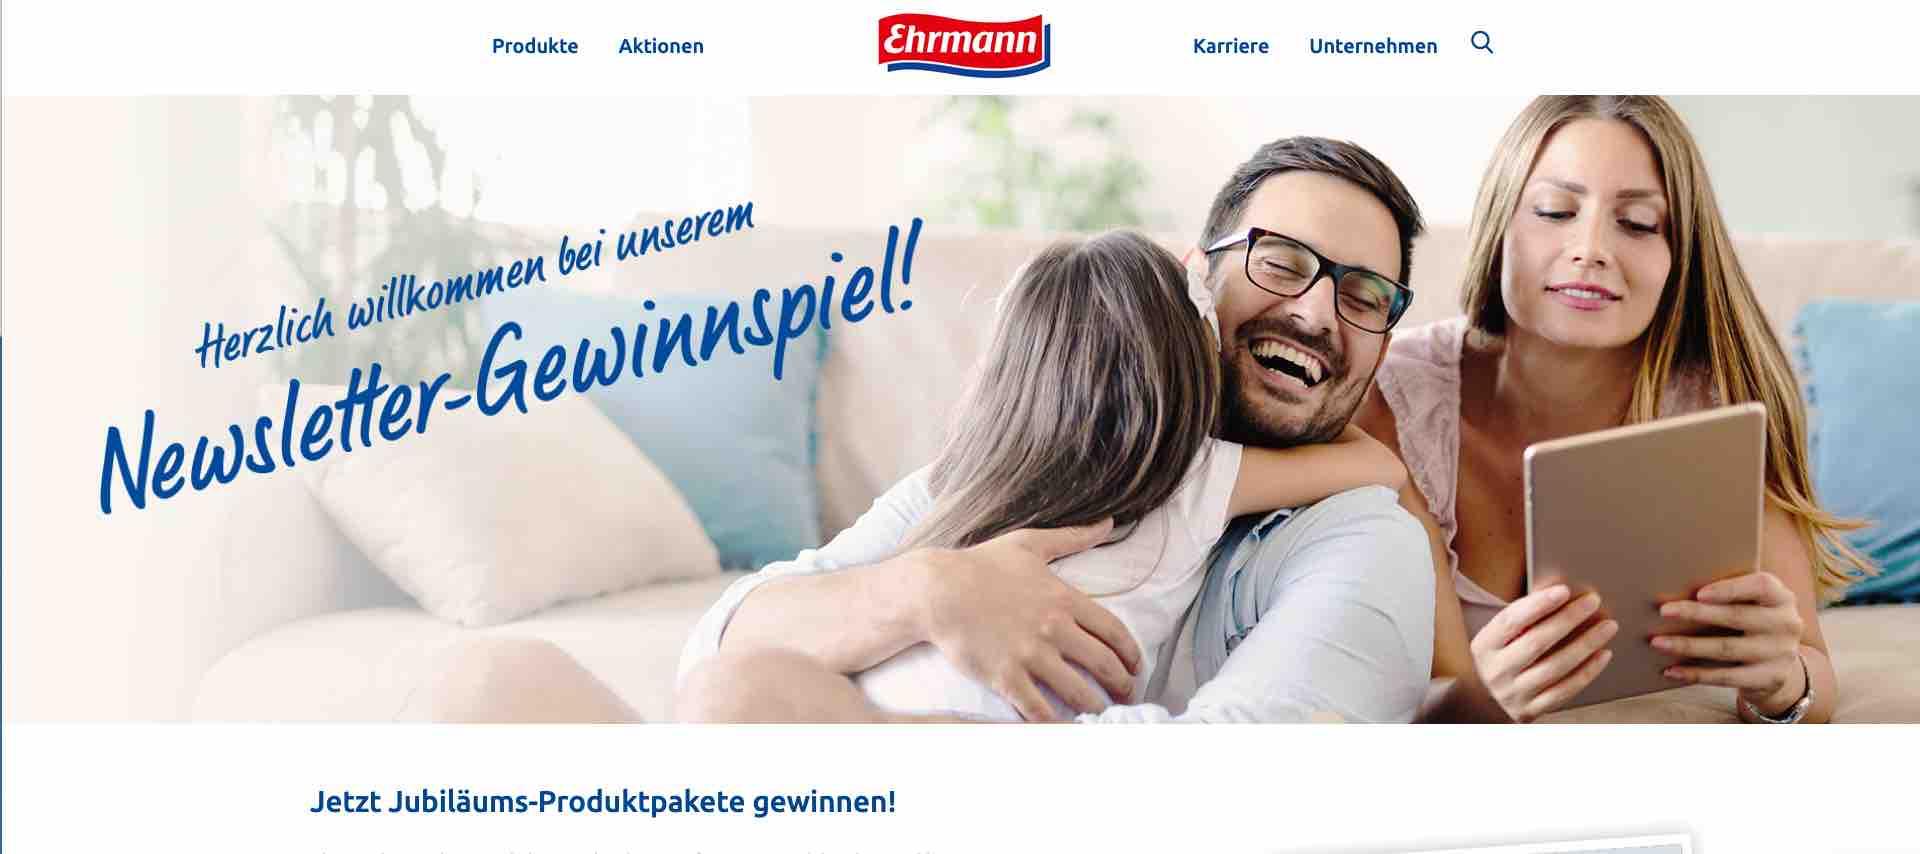 ehrmann produktpakete gewinnspiel